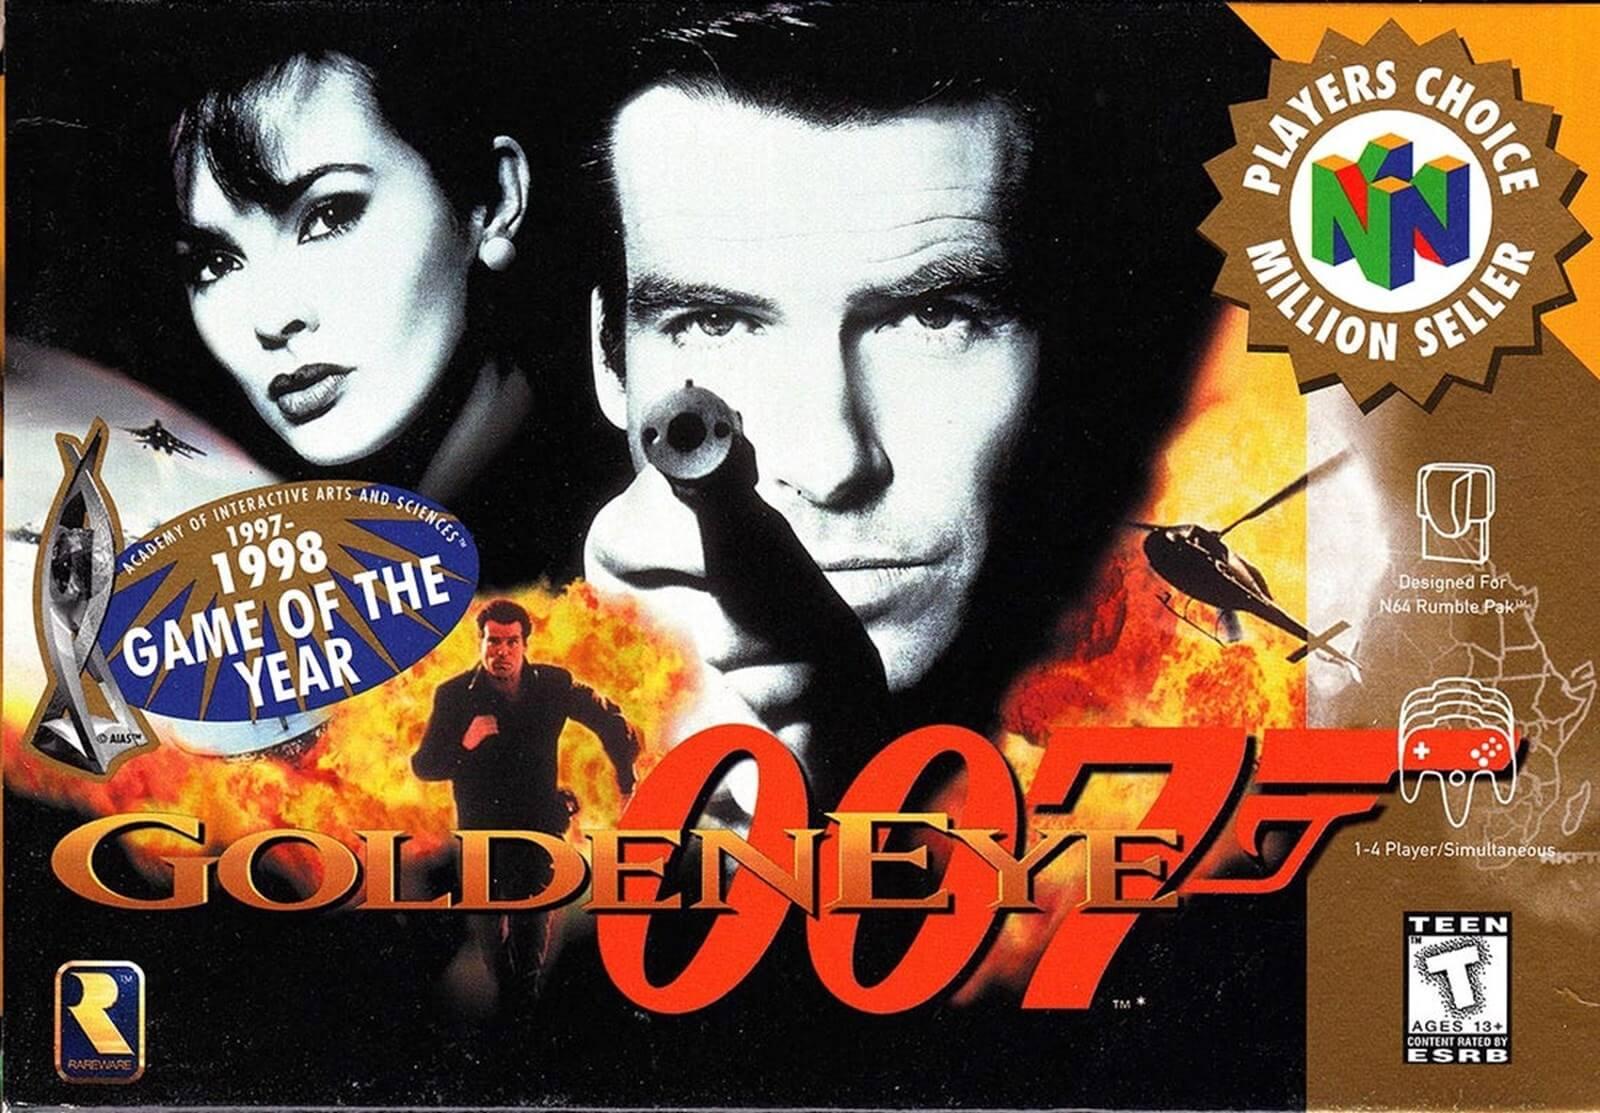 GoldenEye 007: Zeitloses Baller-Abenteuer lässt maue Filmvorlage weit hinter sich